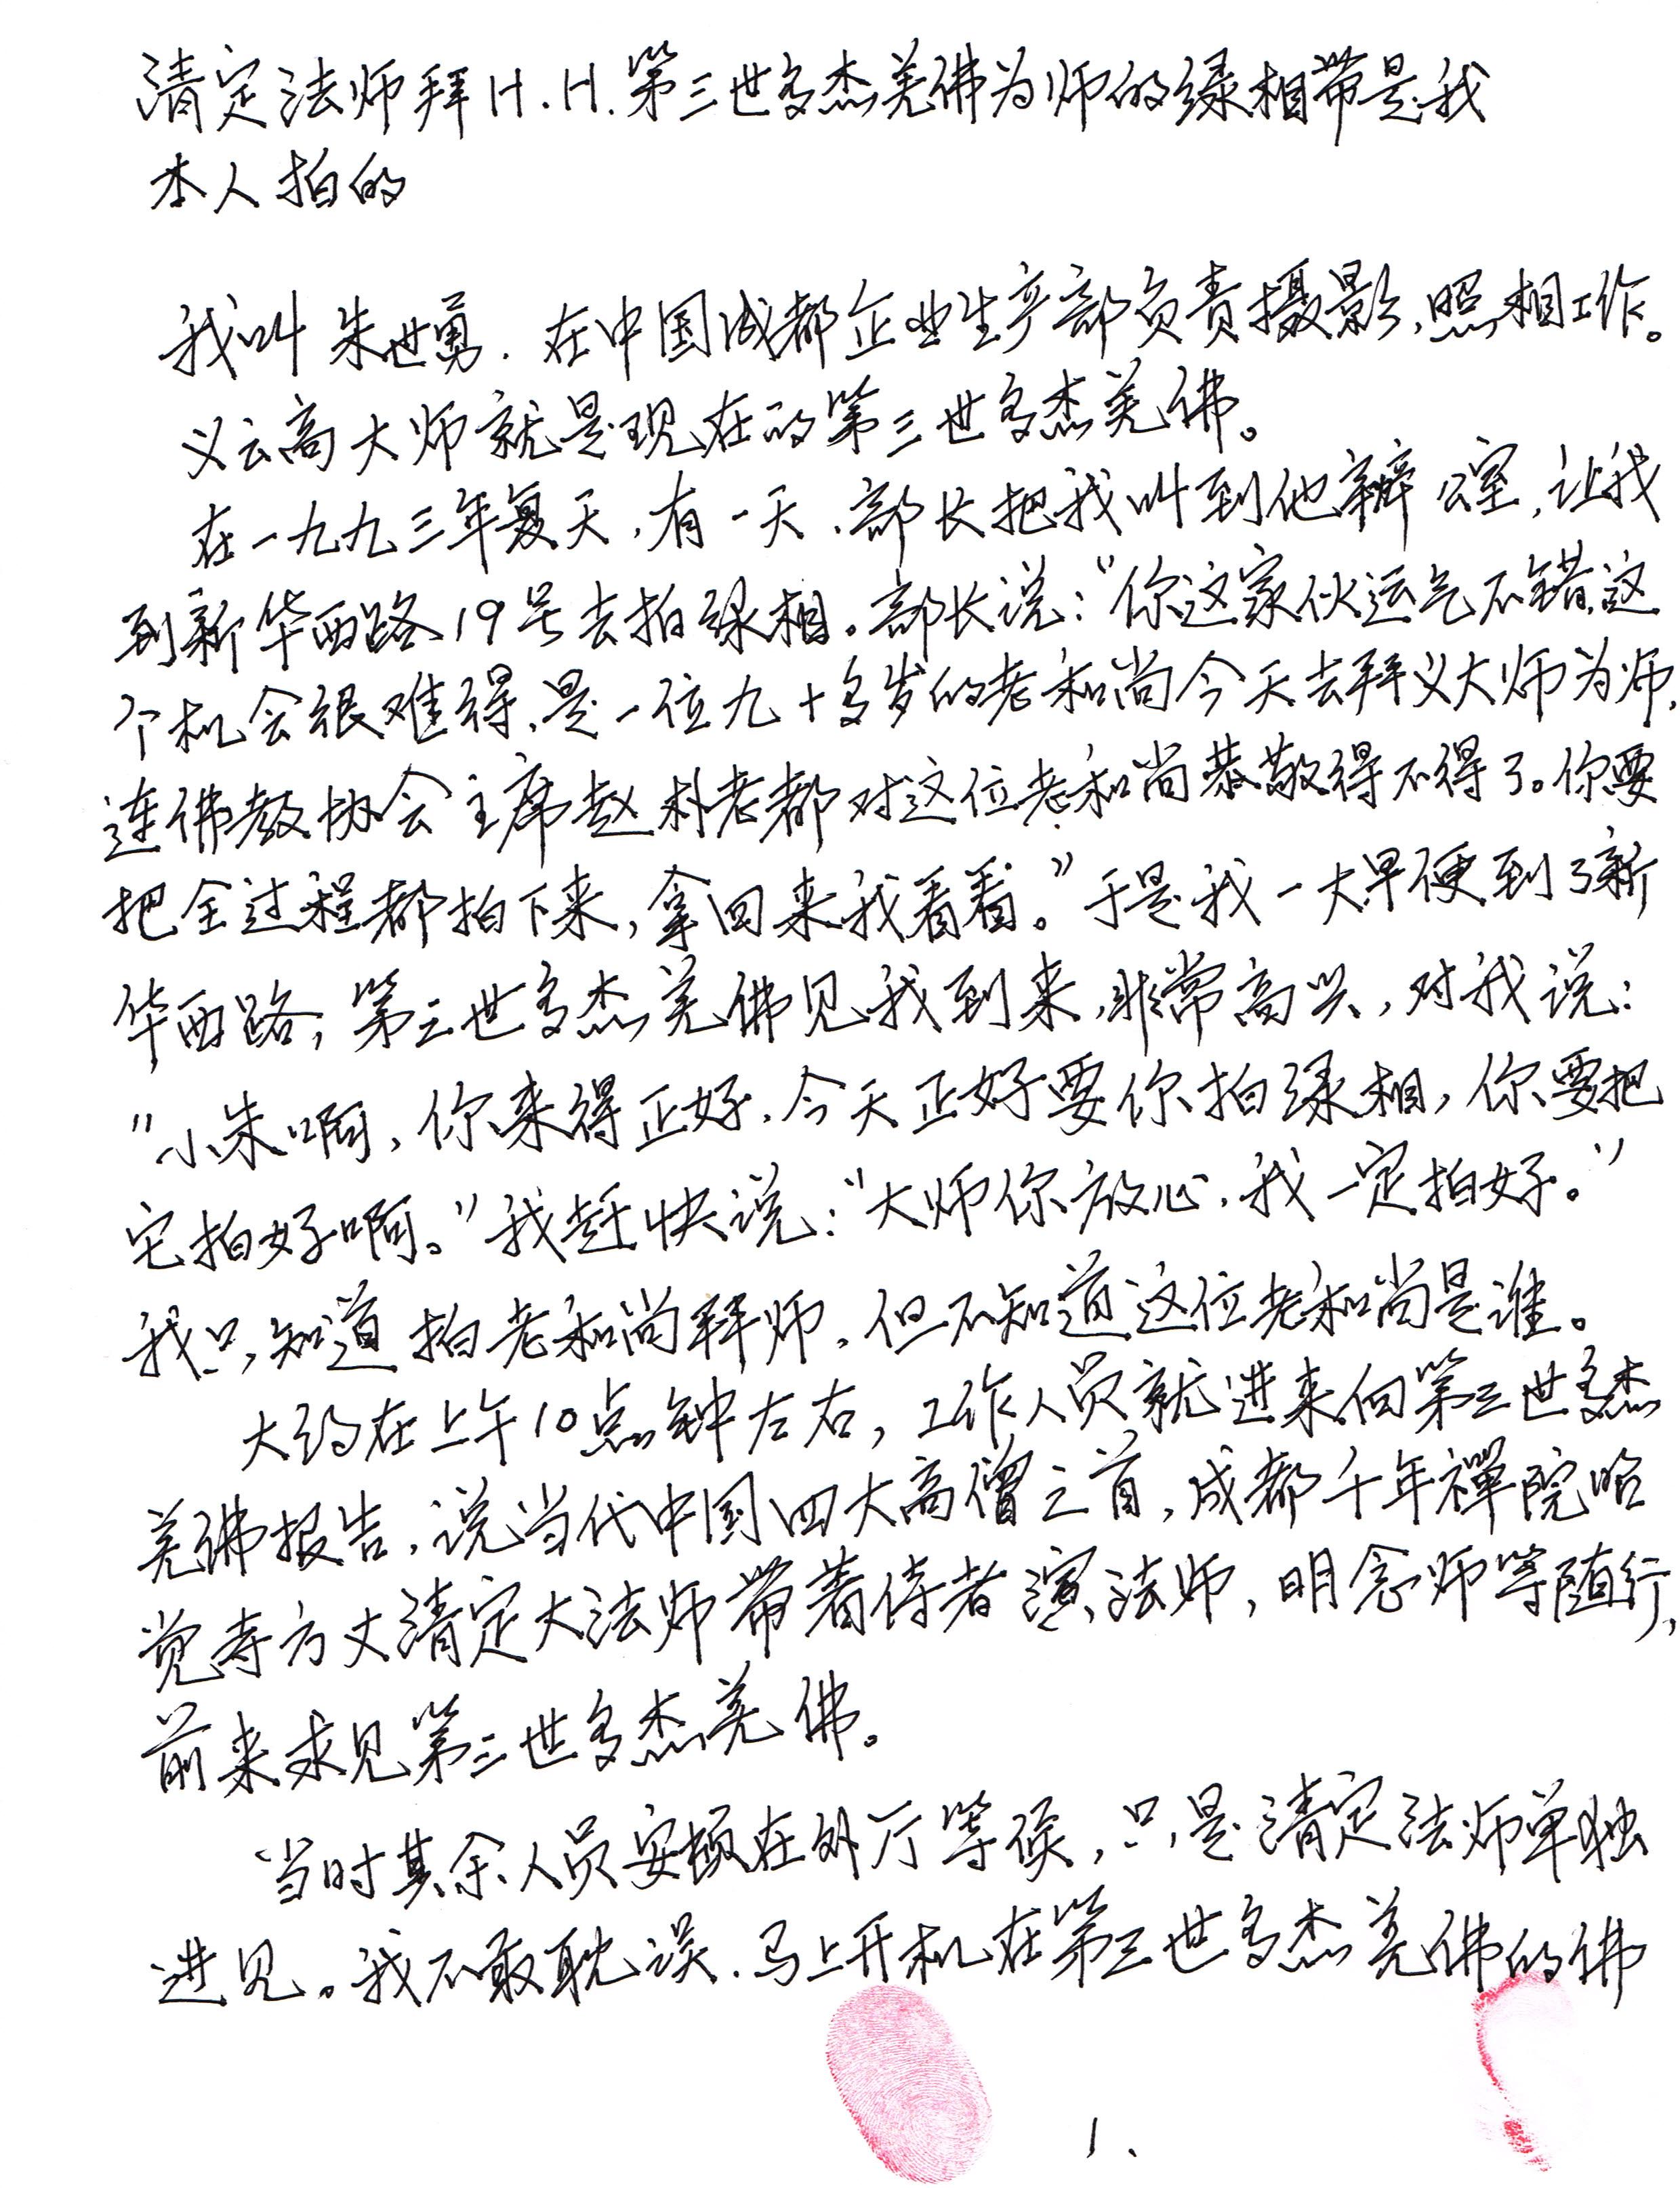 中国佛教第一高僧清定法师拜南无第三世多杰羌佛为师 第5张